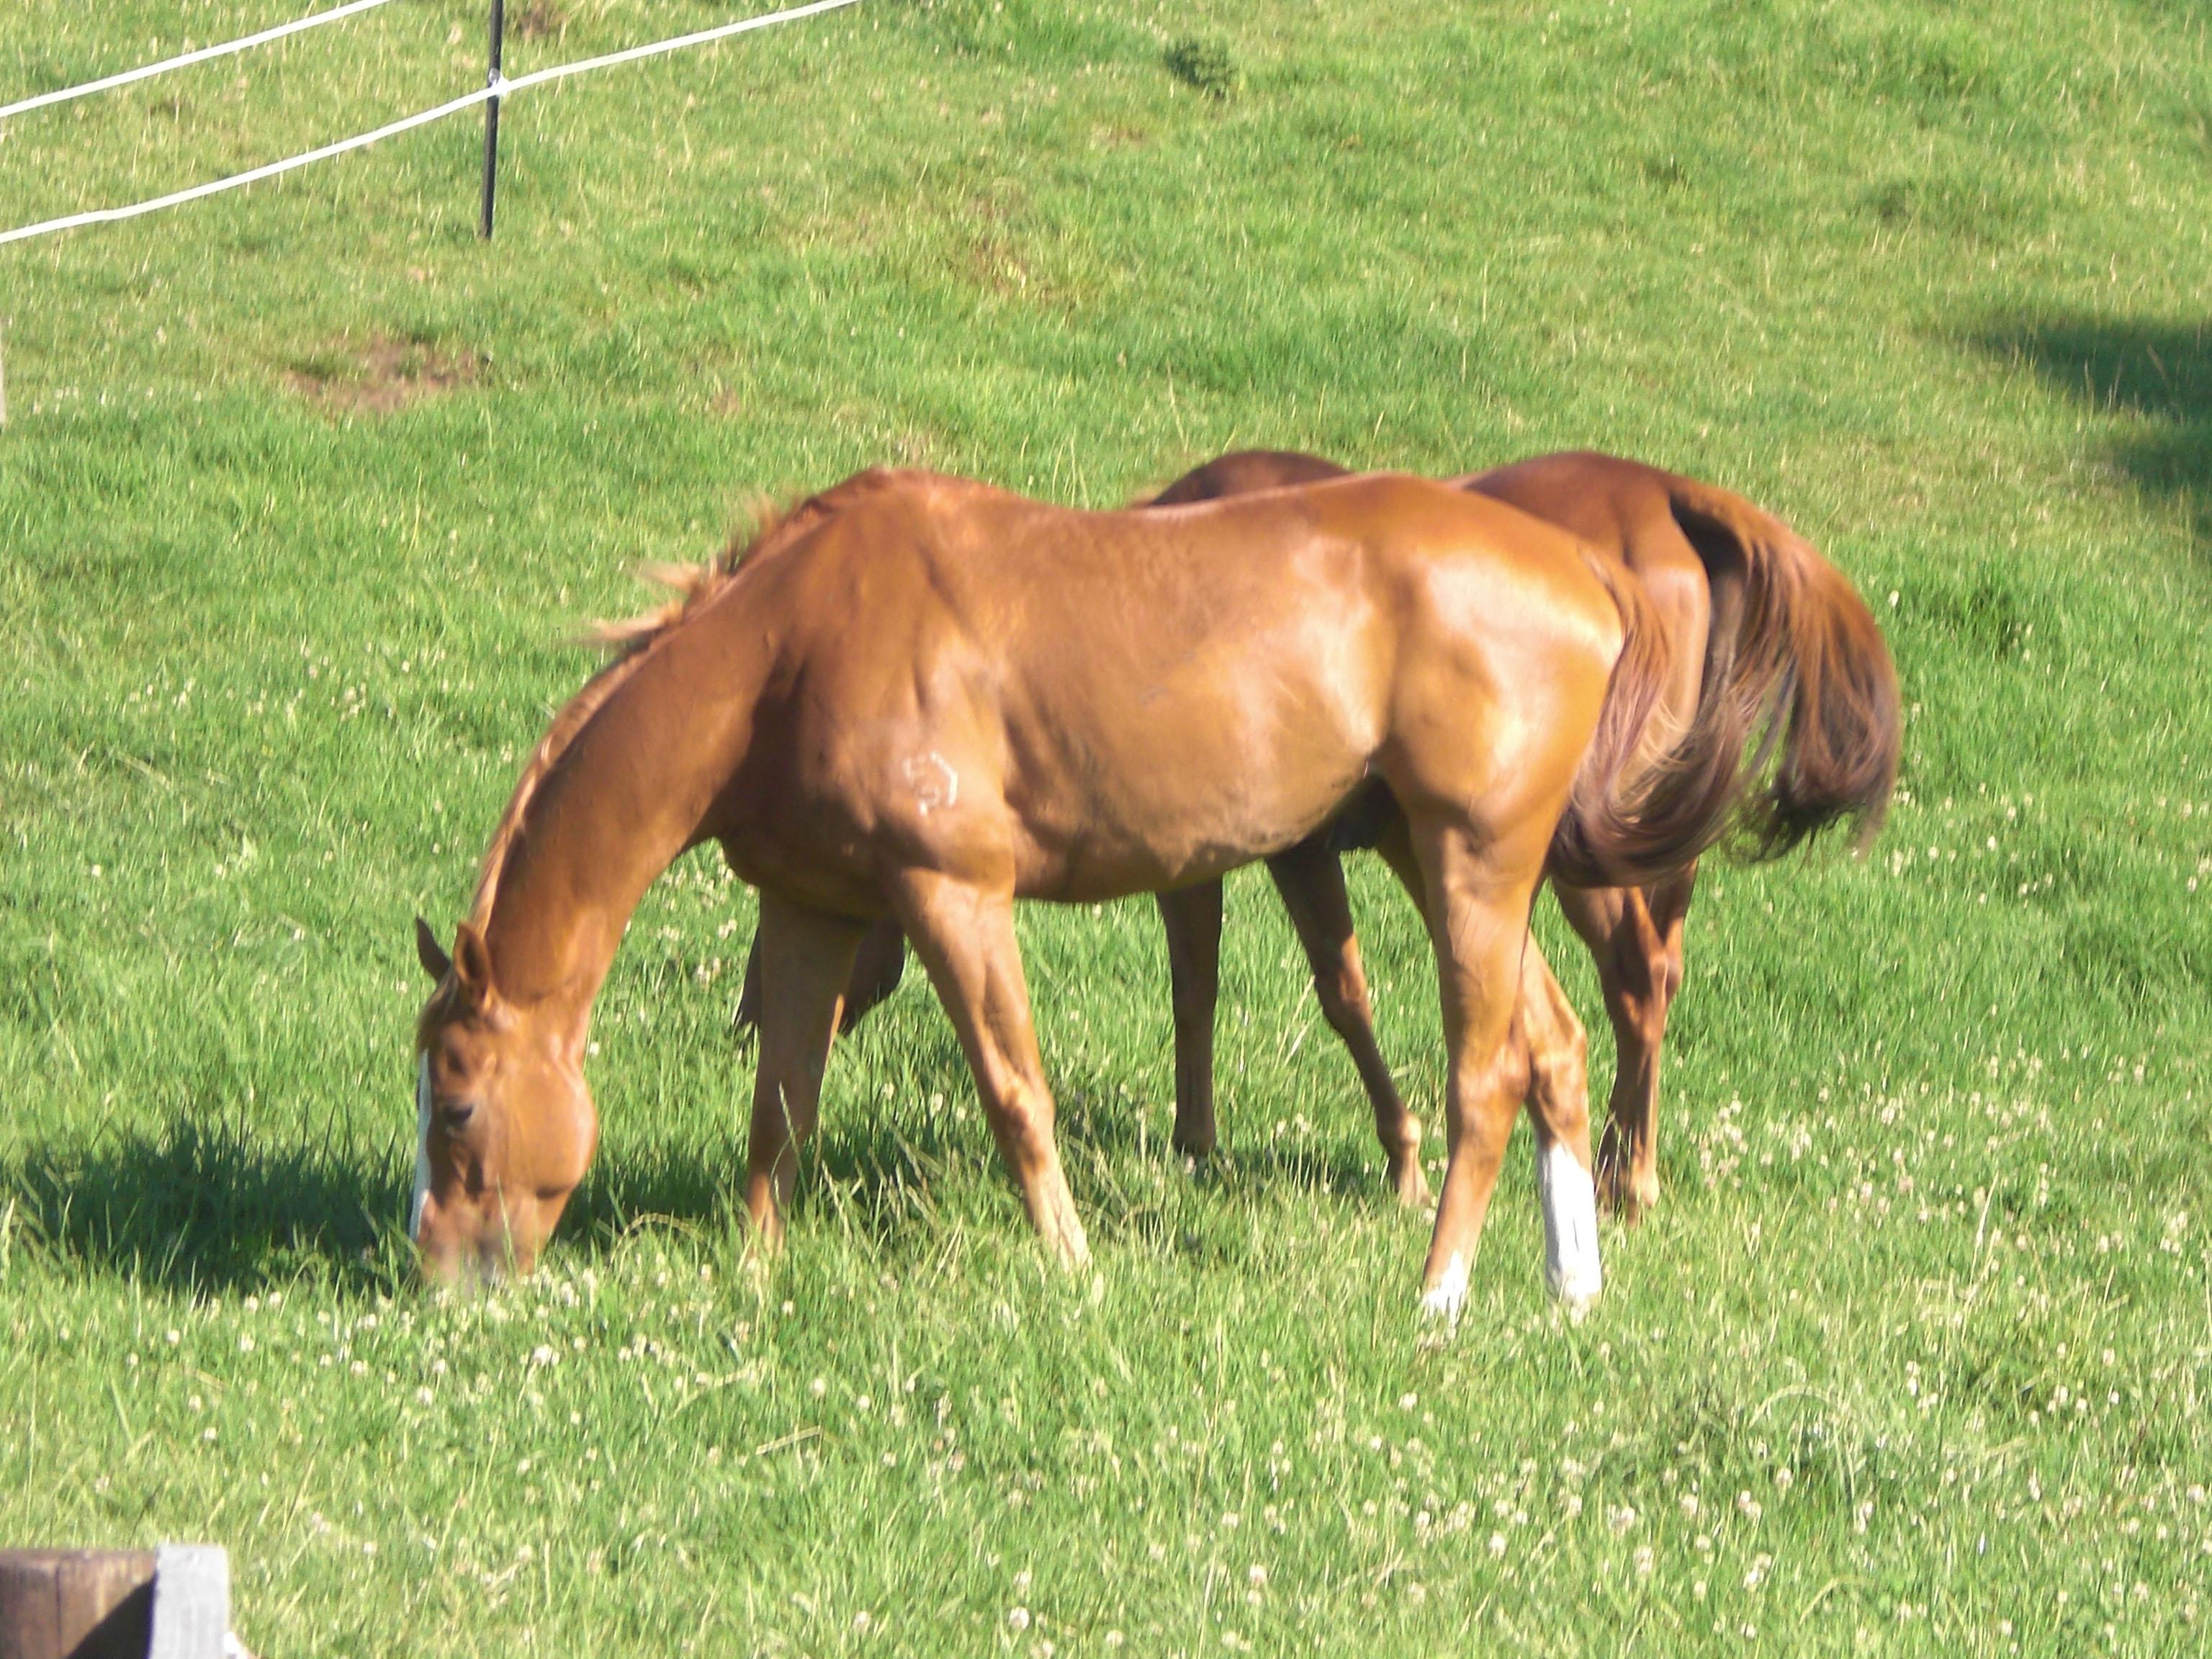 Happy horses enjoying the sunshine